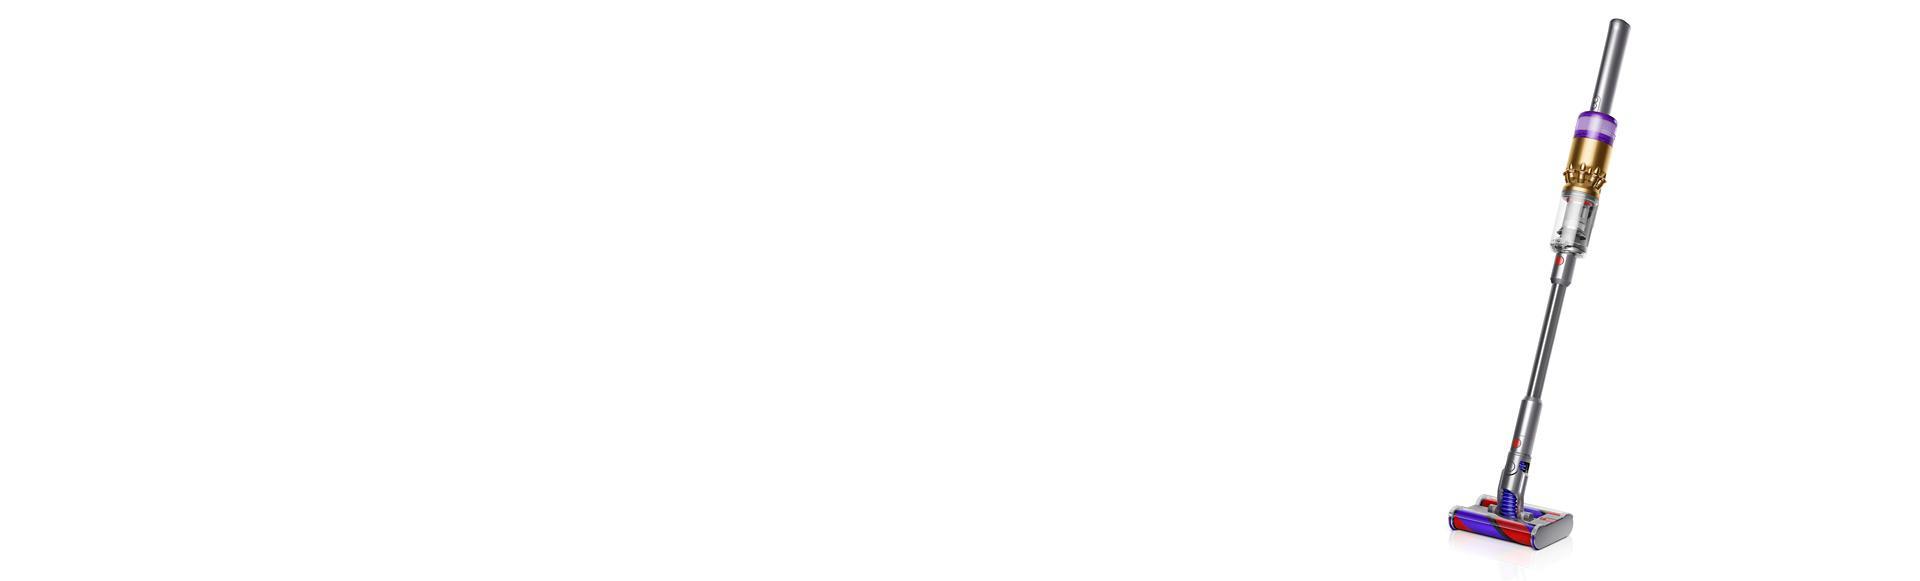 다이슨 옴니-글라이드™